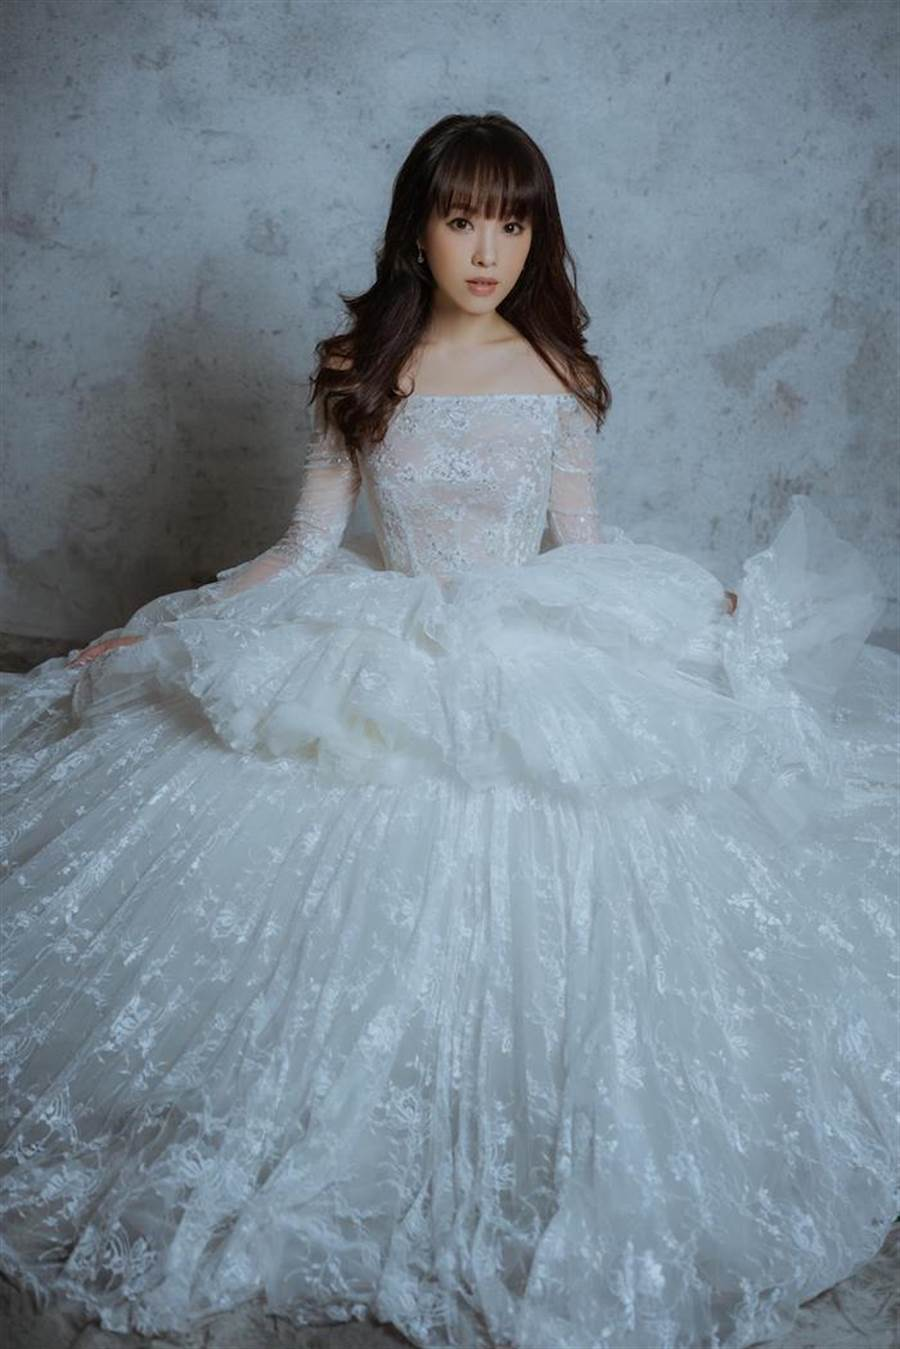 朱蕾安將披婚紗。CH WEDDING提供